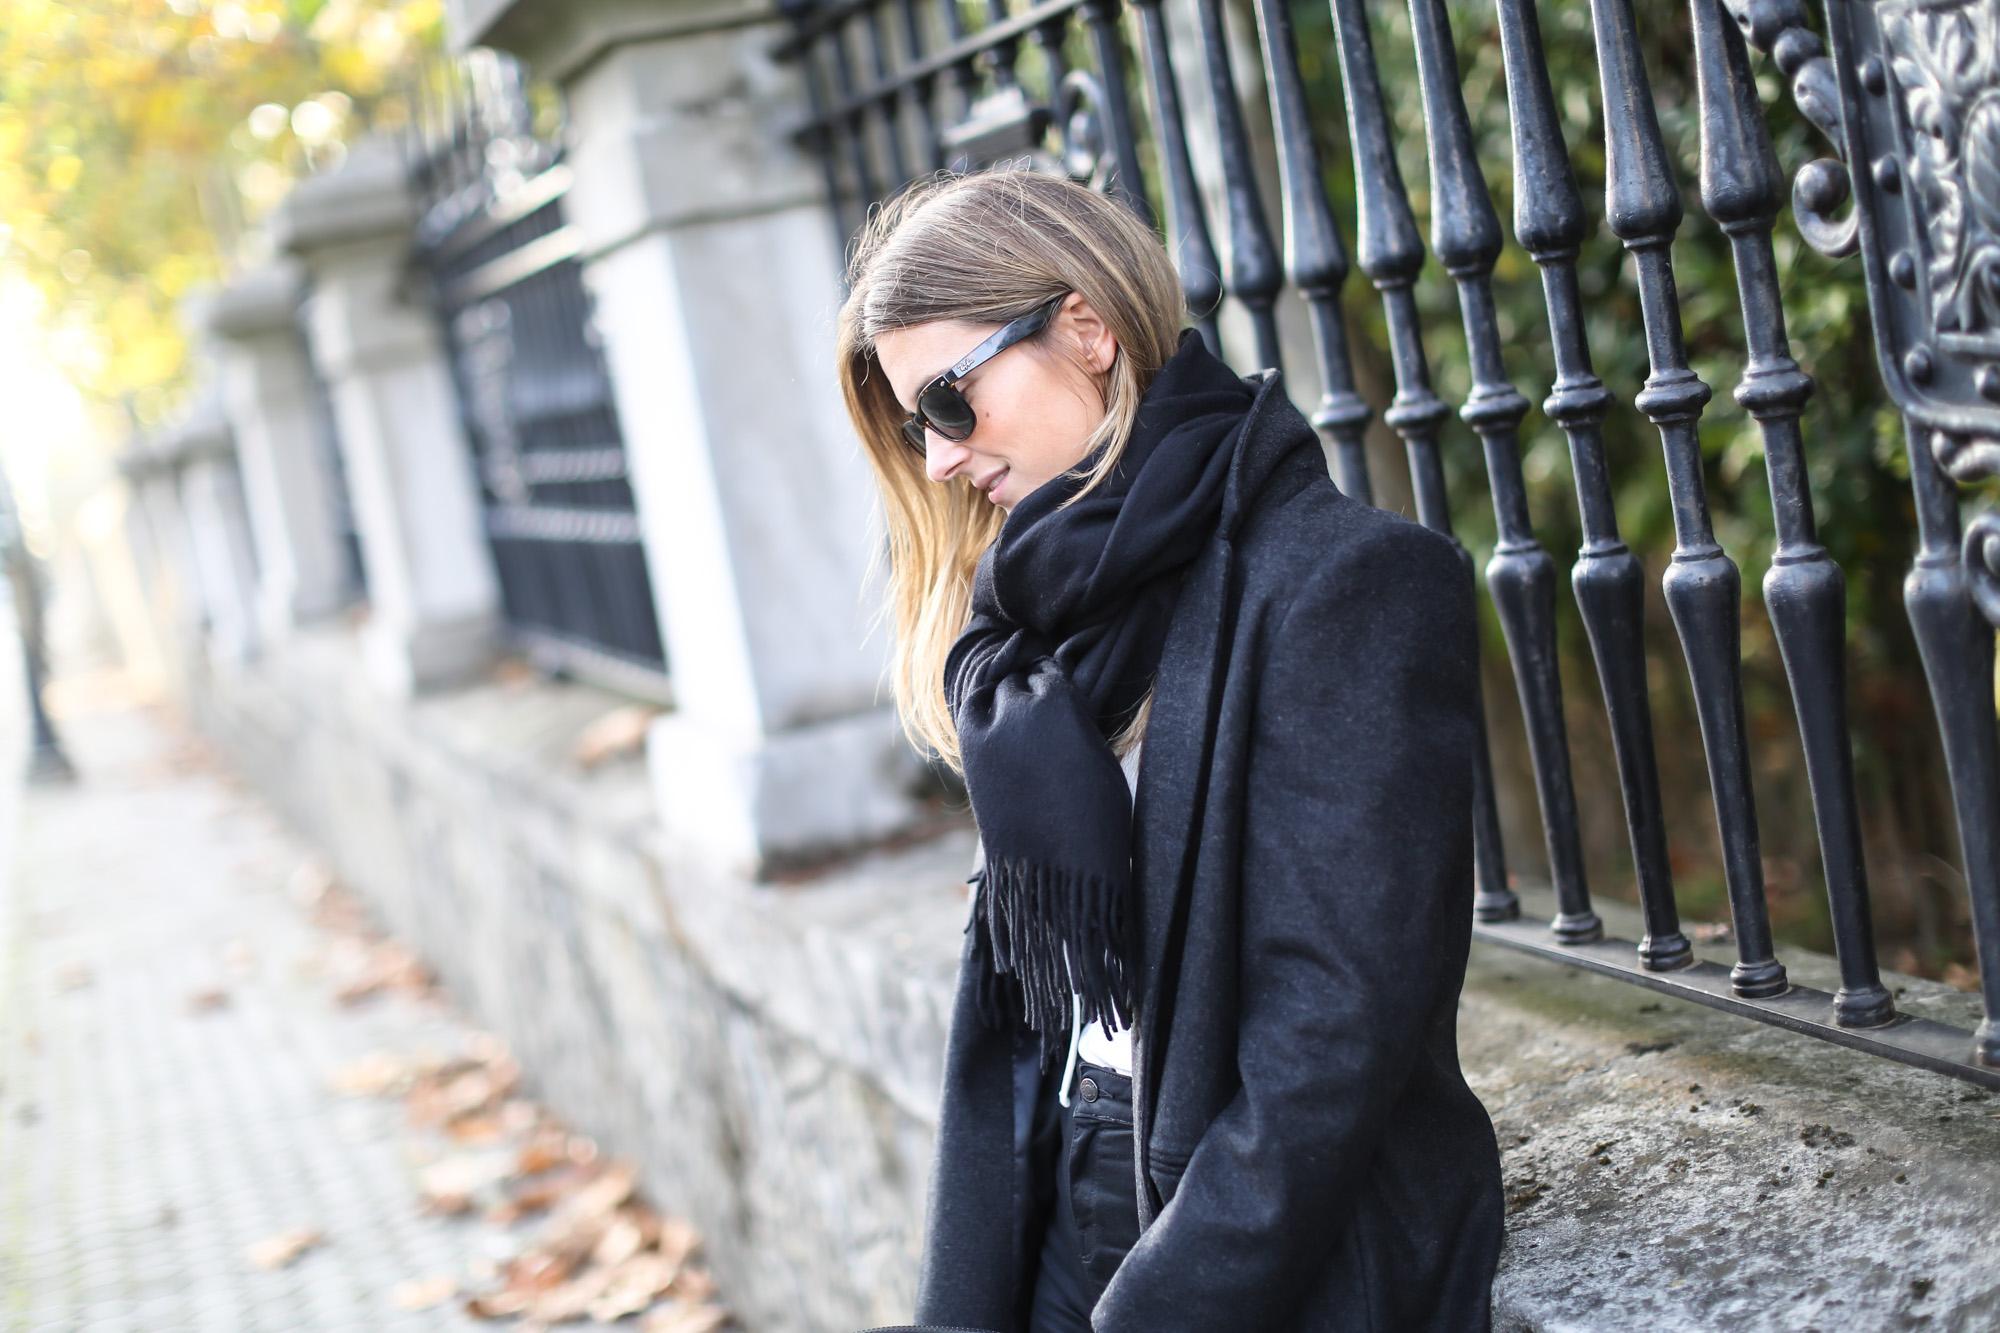 Clochet_streetstyle_eseoese_wool_grey_tailored-coat_mansur_gavriel_bucket_bag-12